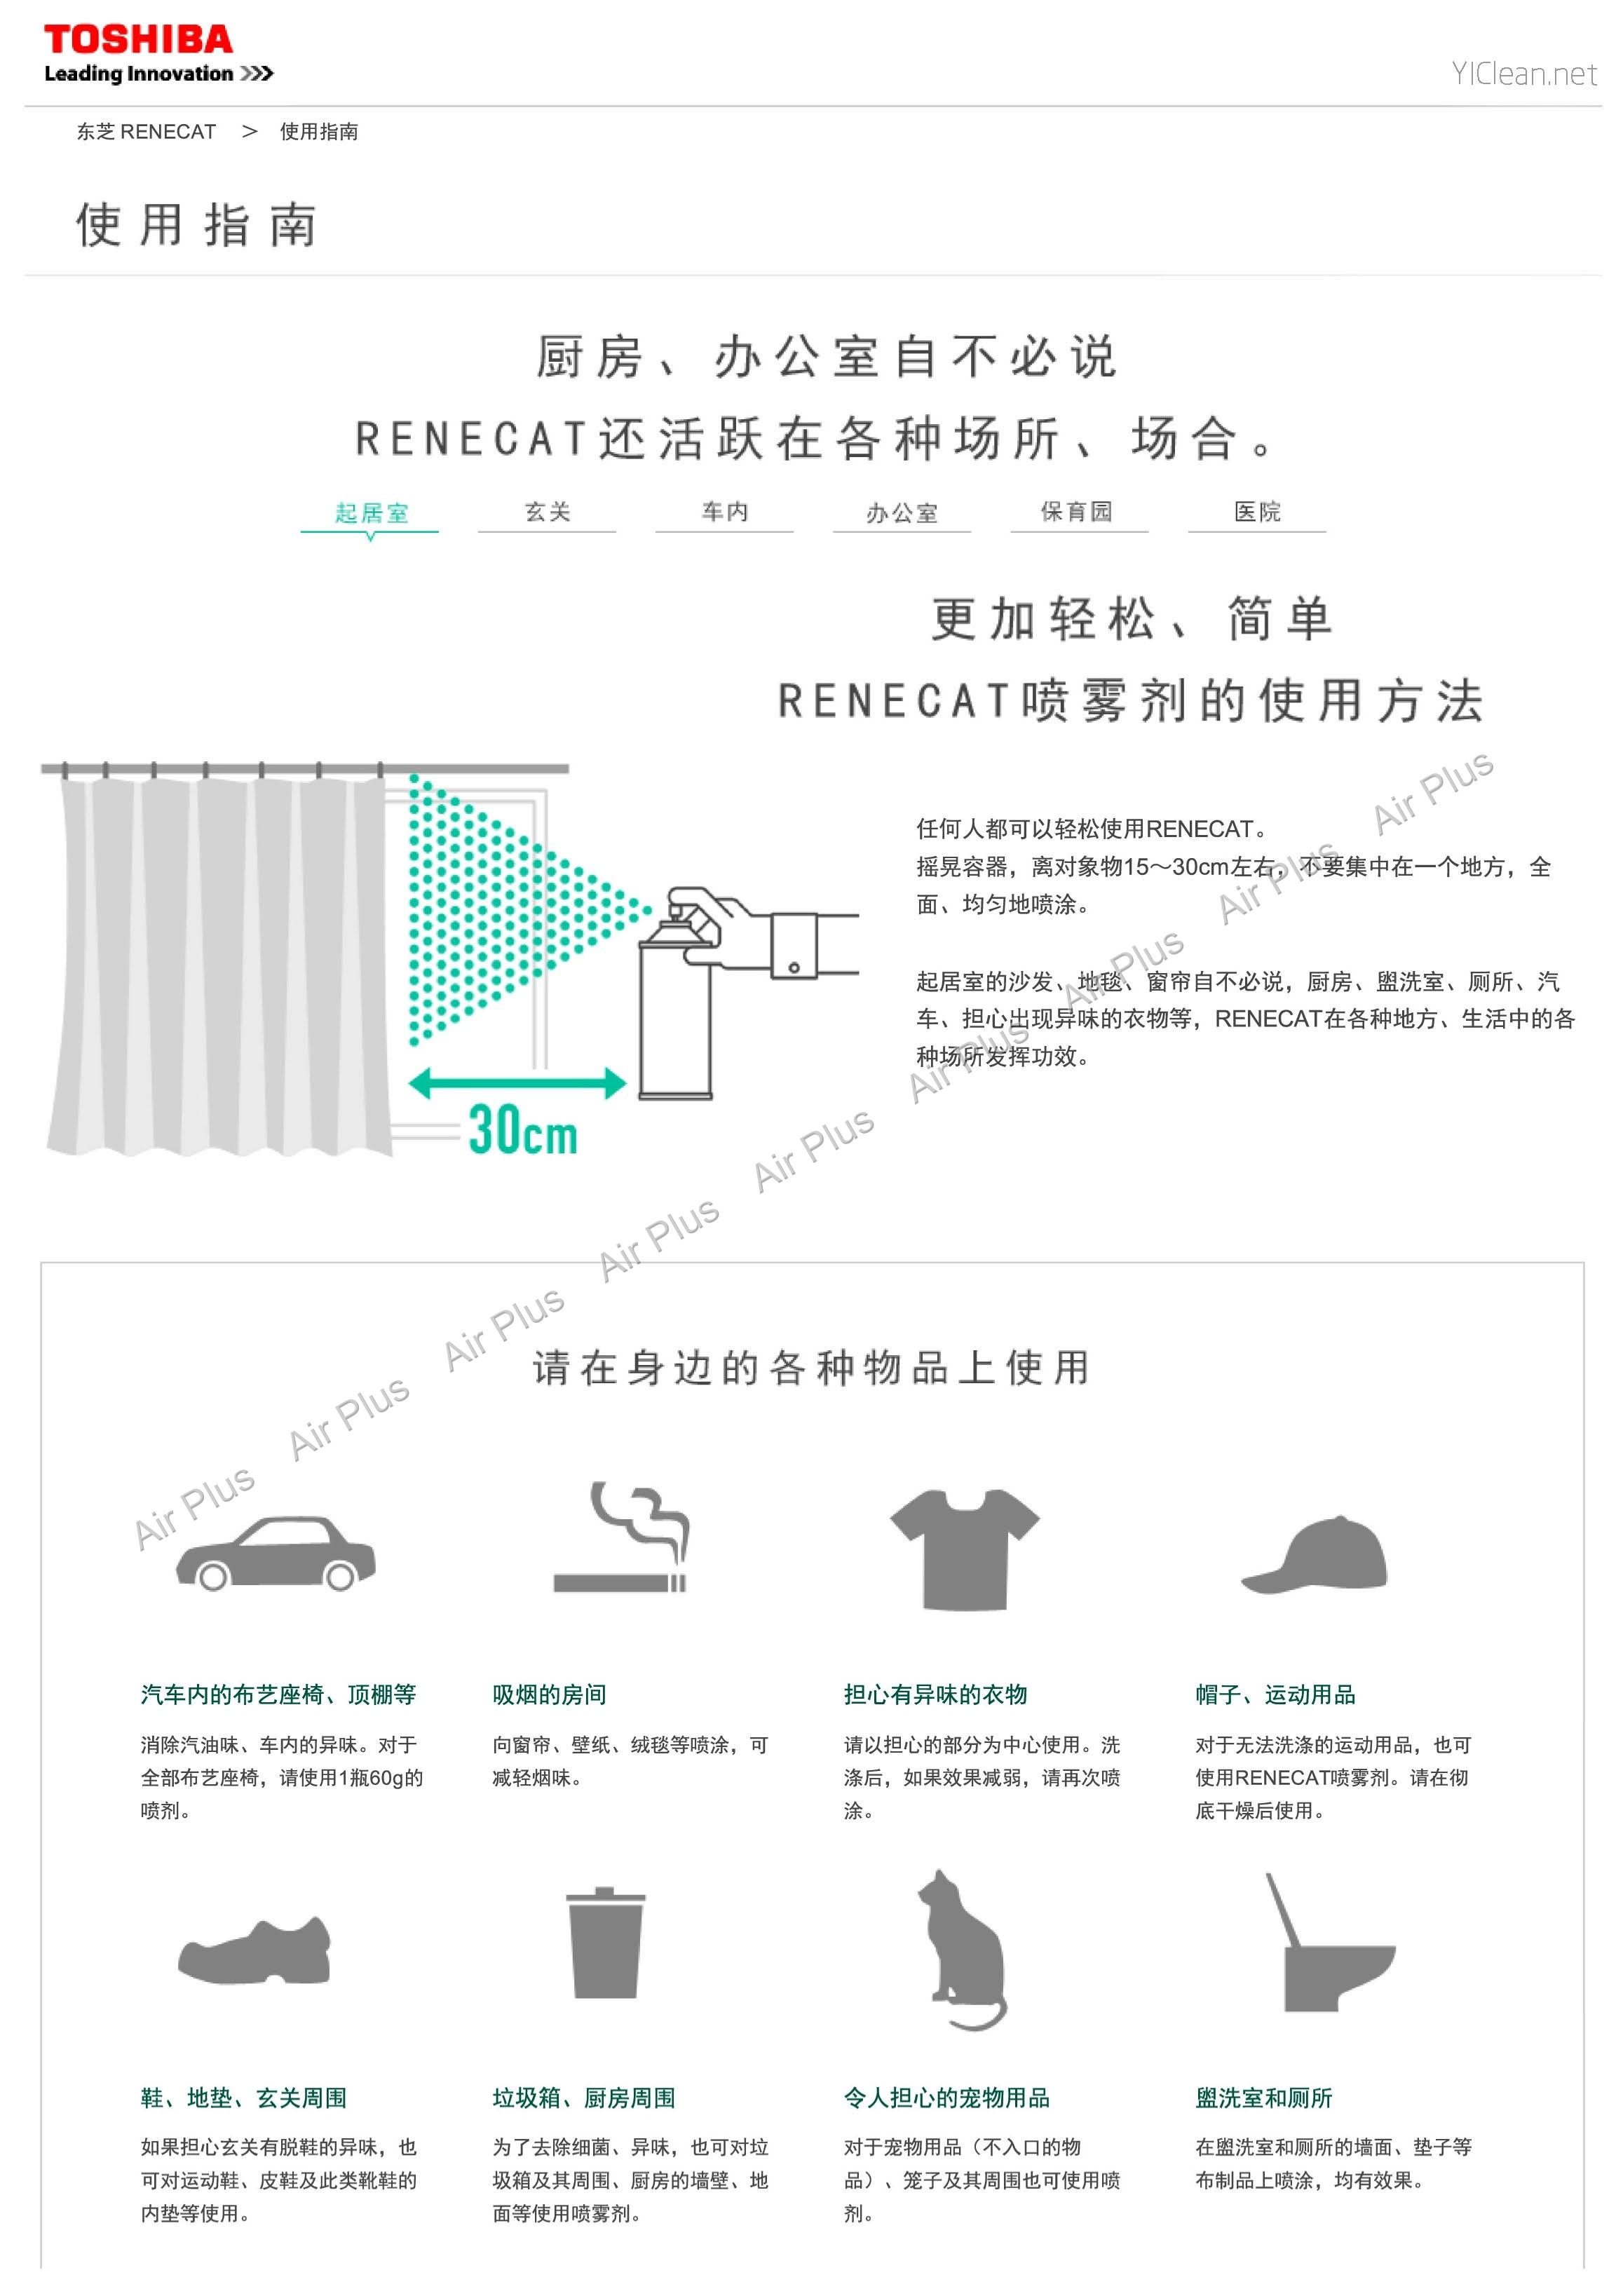 (中文)TOSHIBA·可视光光触媒 RENECAT☆_页面_16.jpg